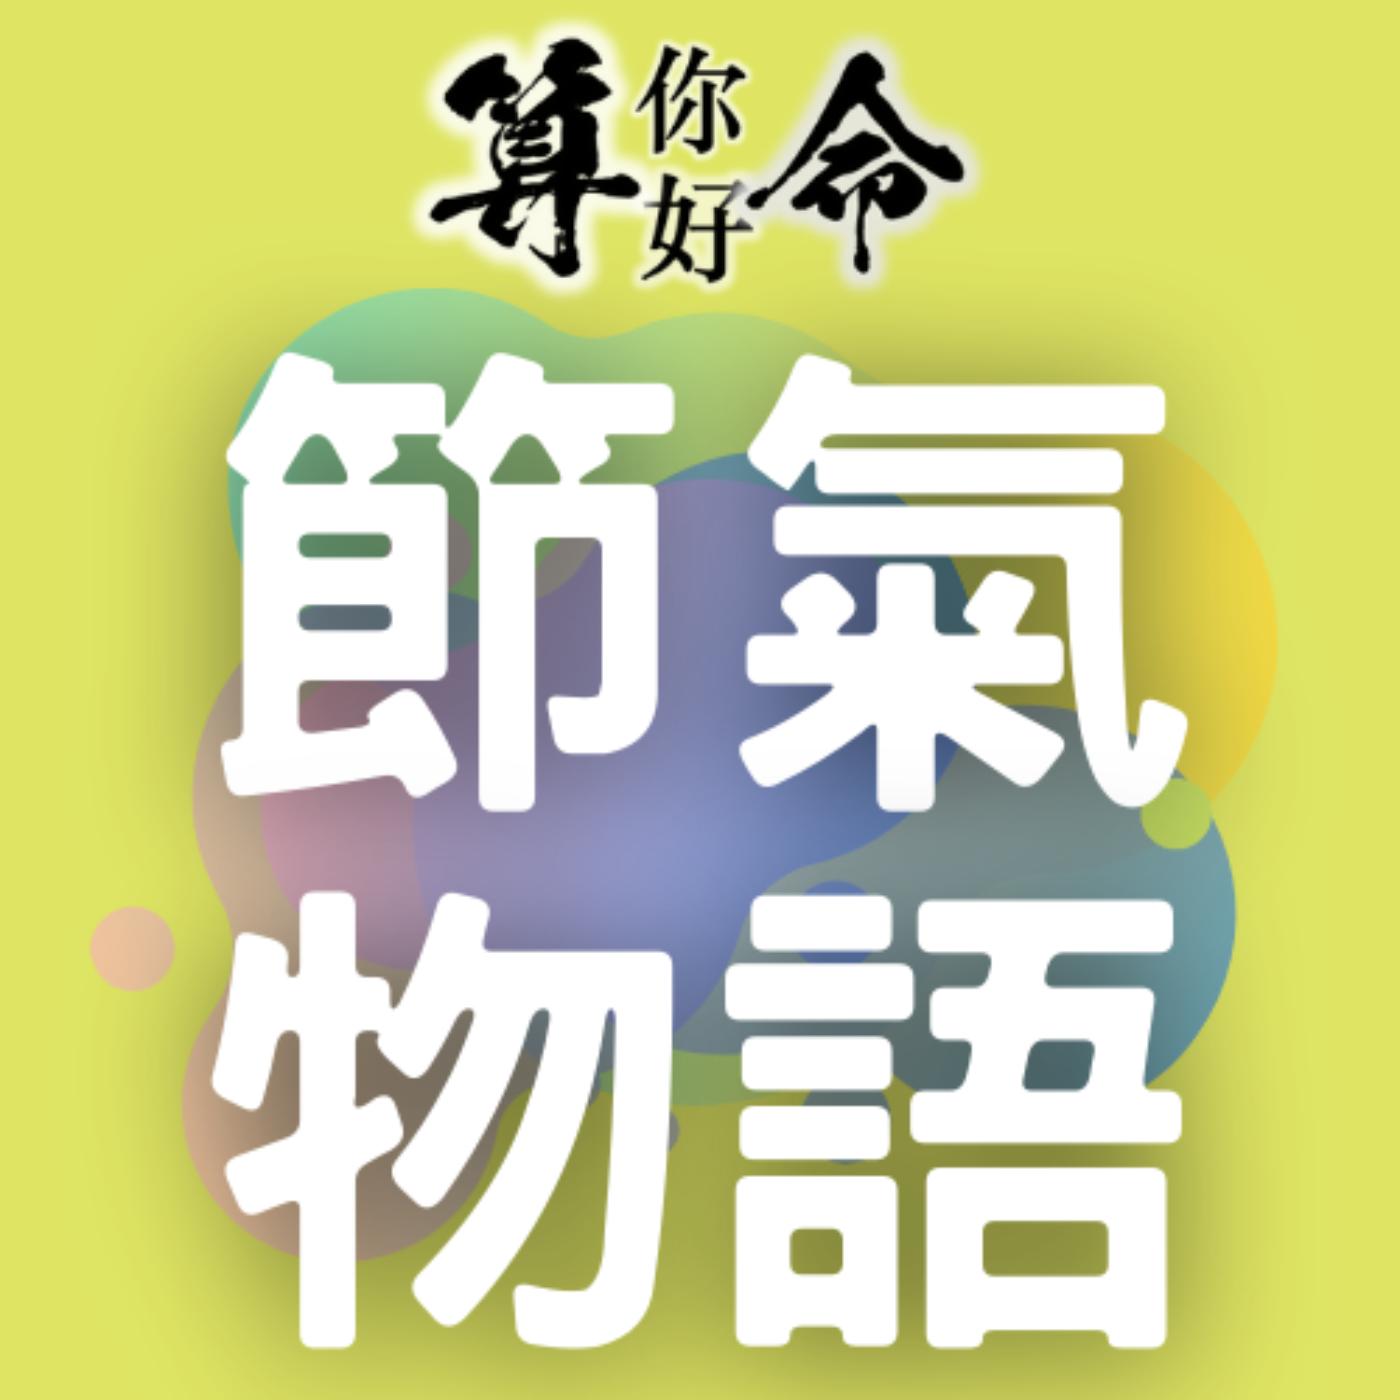 08-節氣物語 立春節氣X芹菜籽精油-東西方經典古智慧